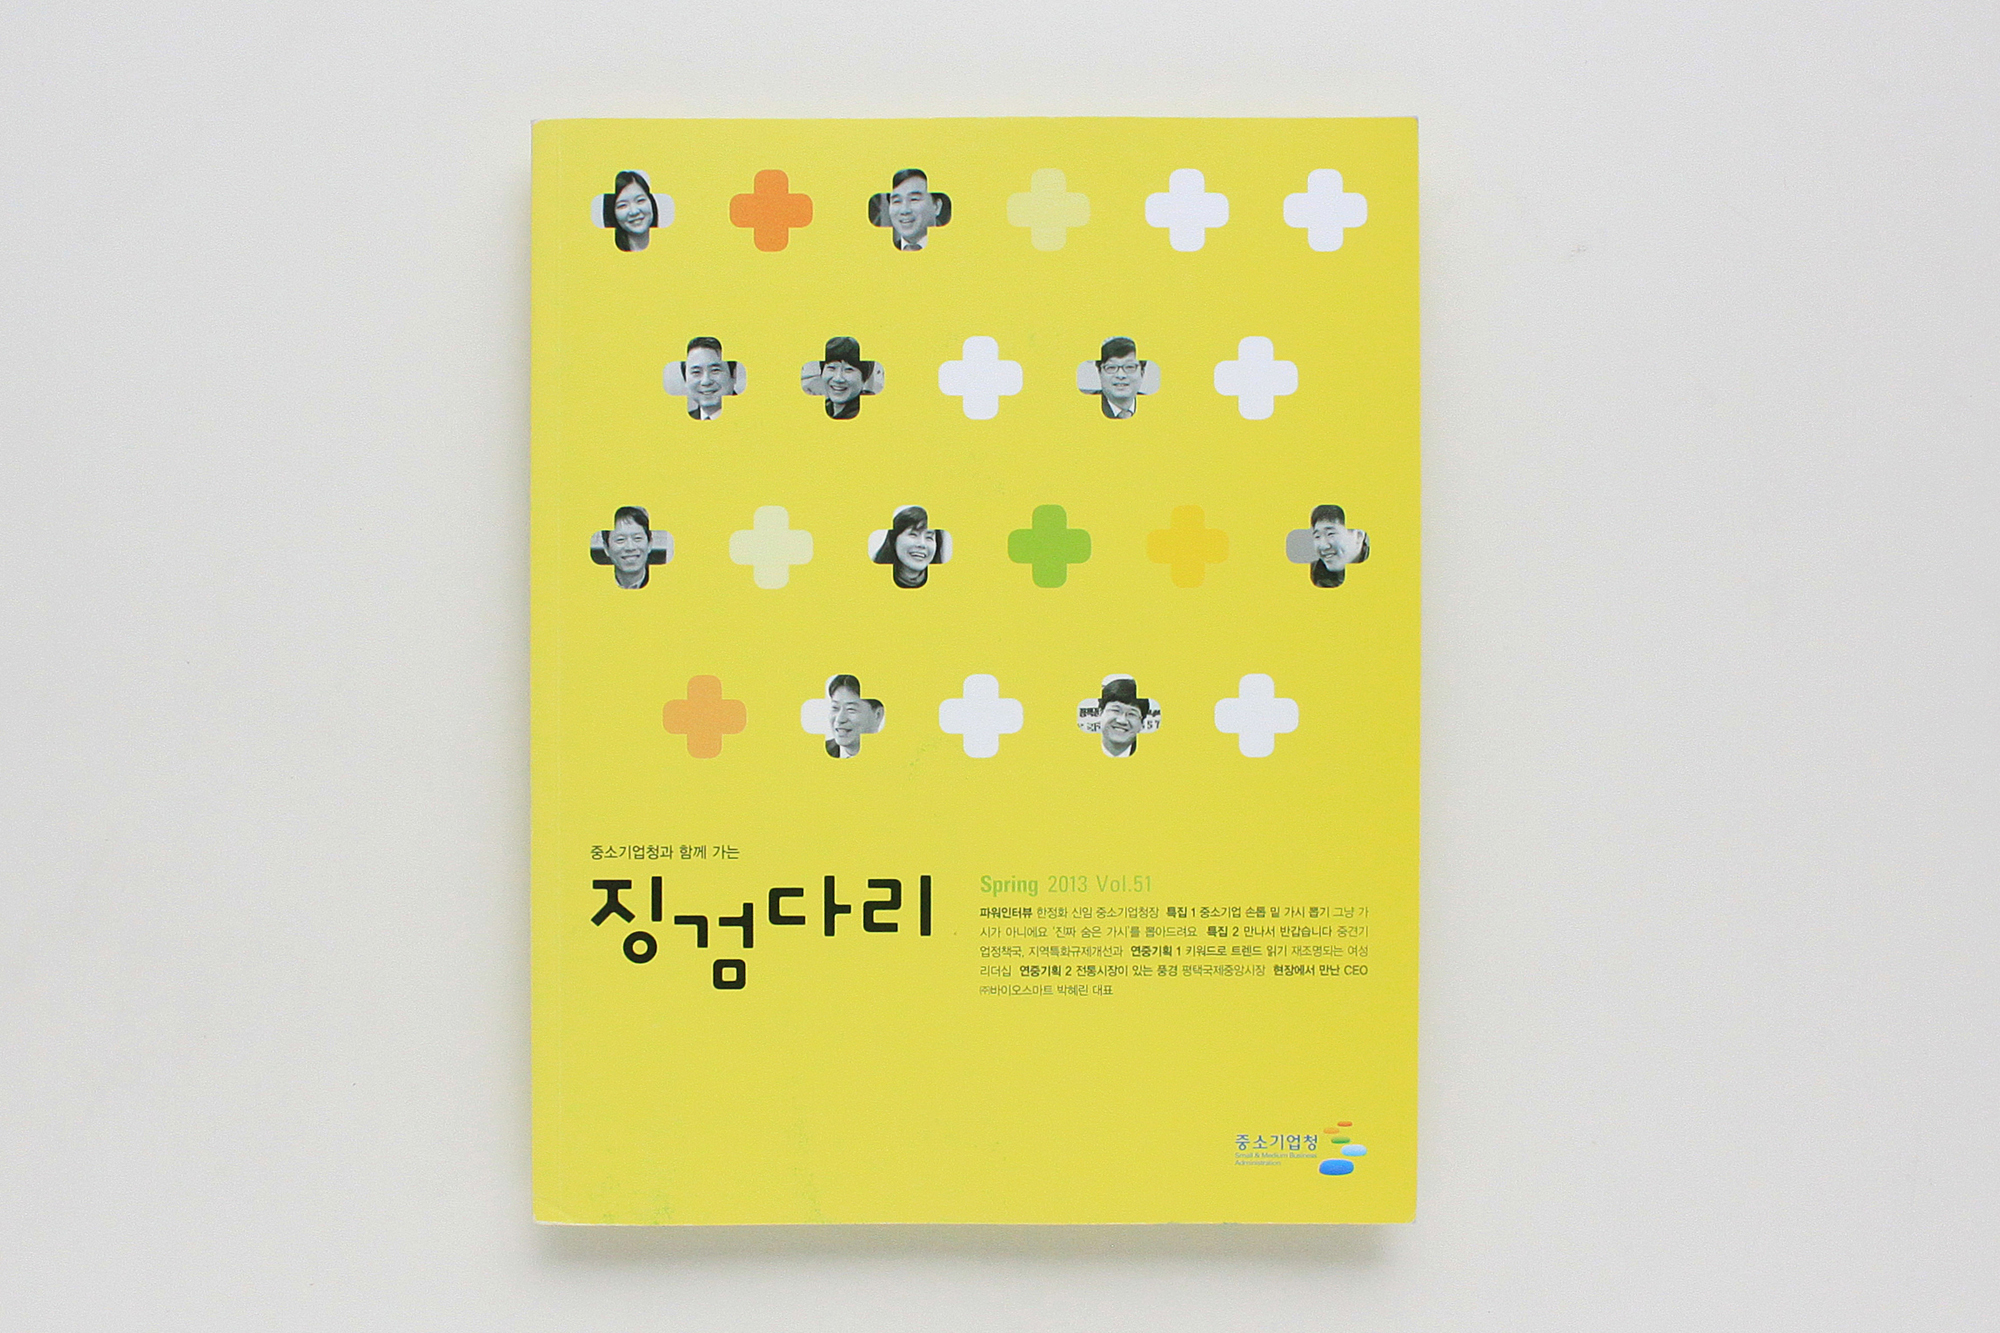 2013-징검다리 (4)